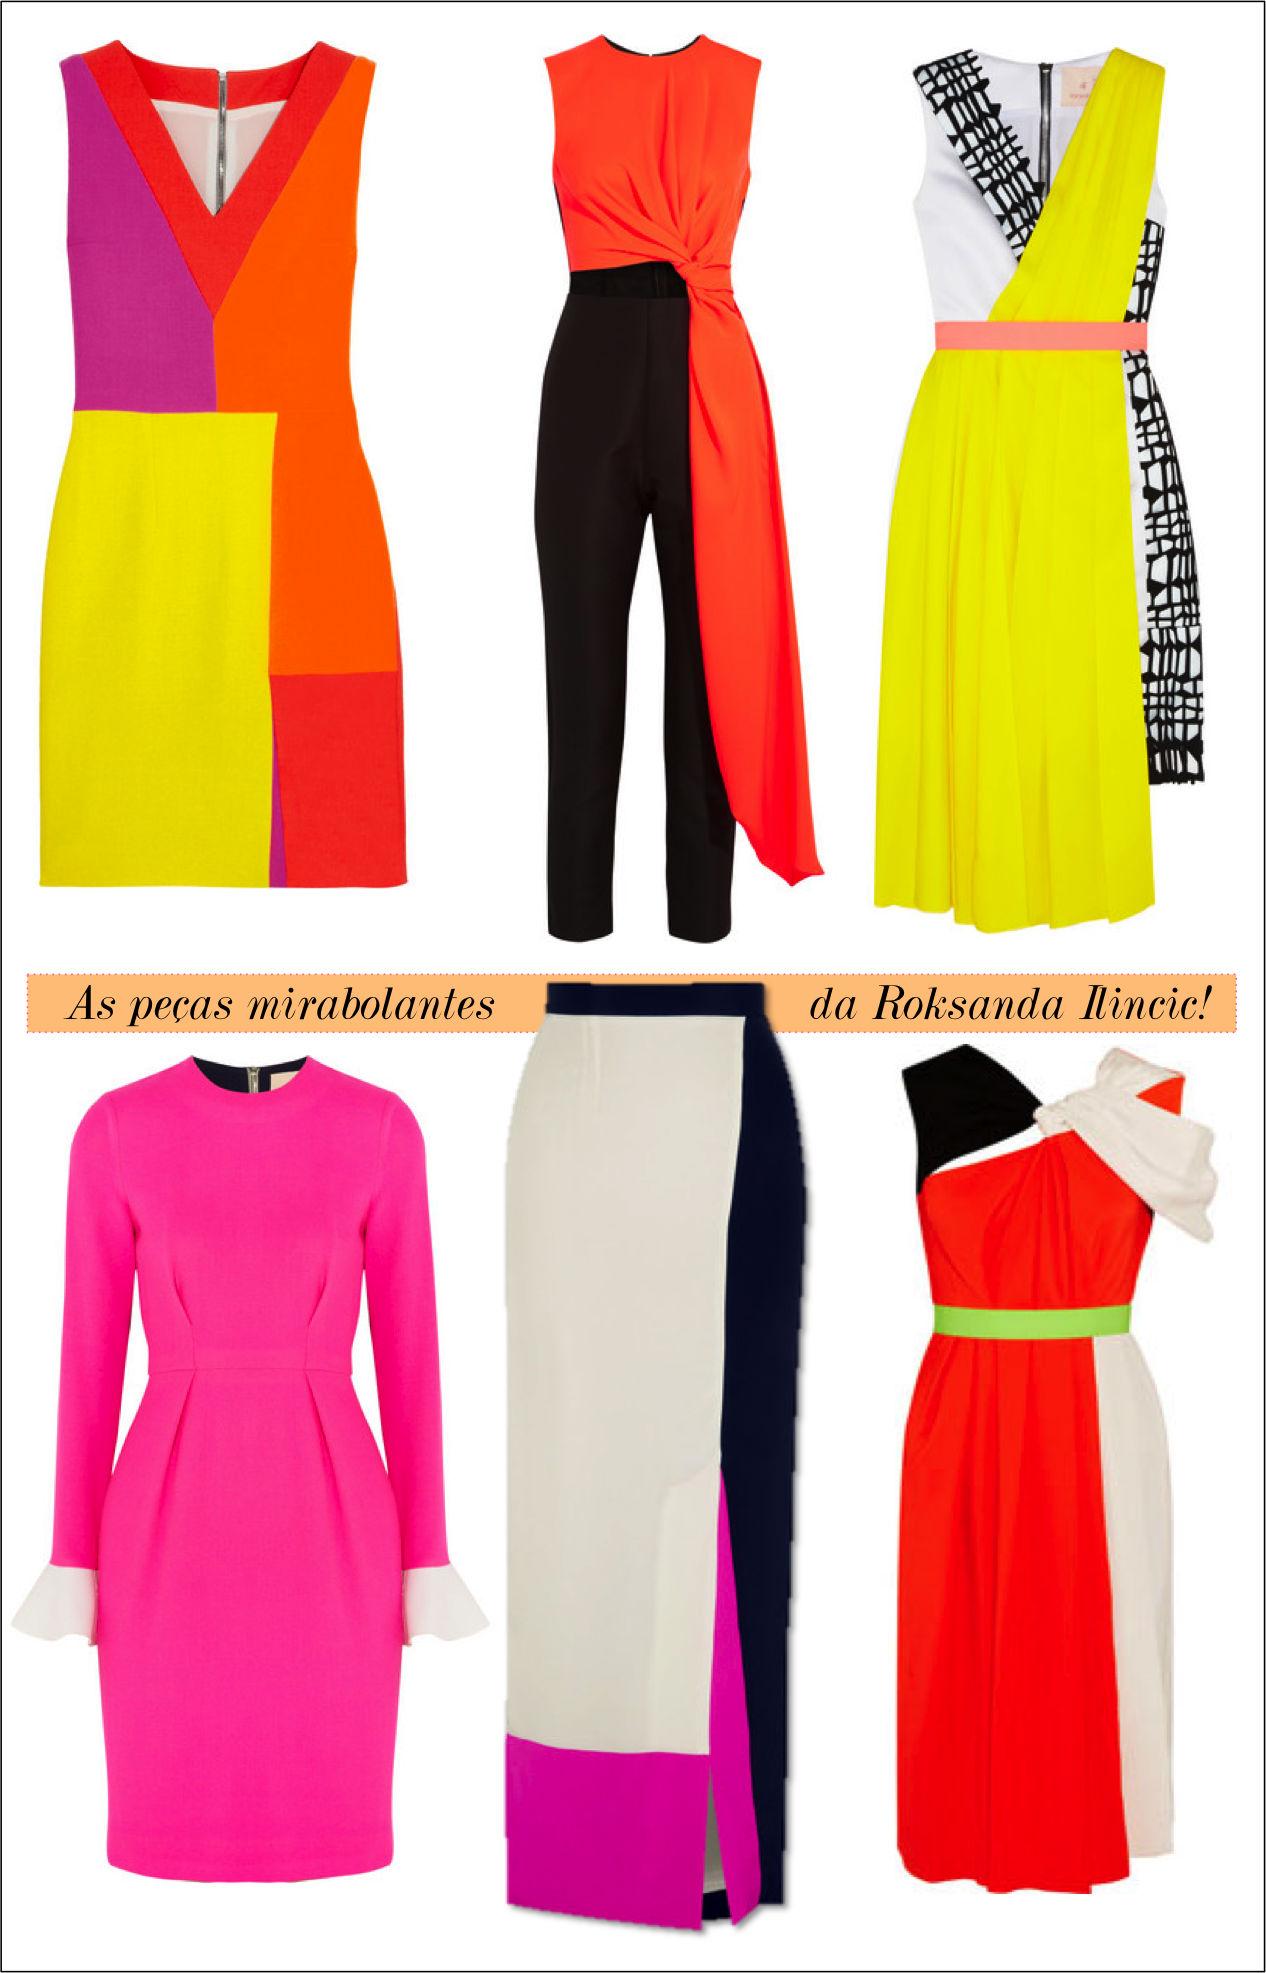 roksanda-ilincic roupas